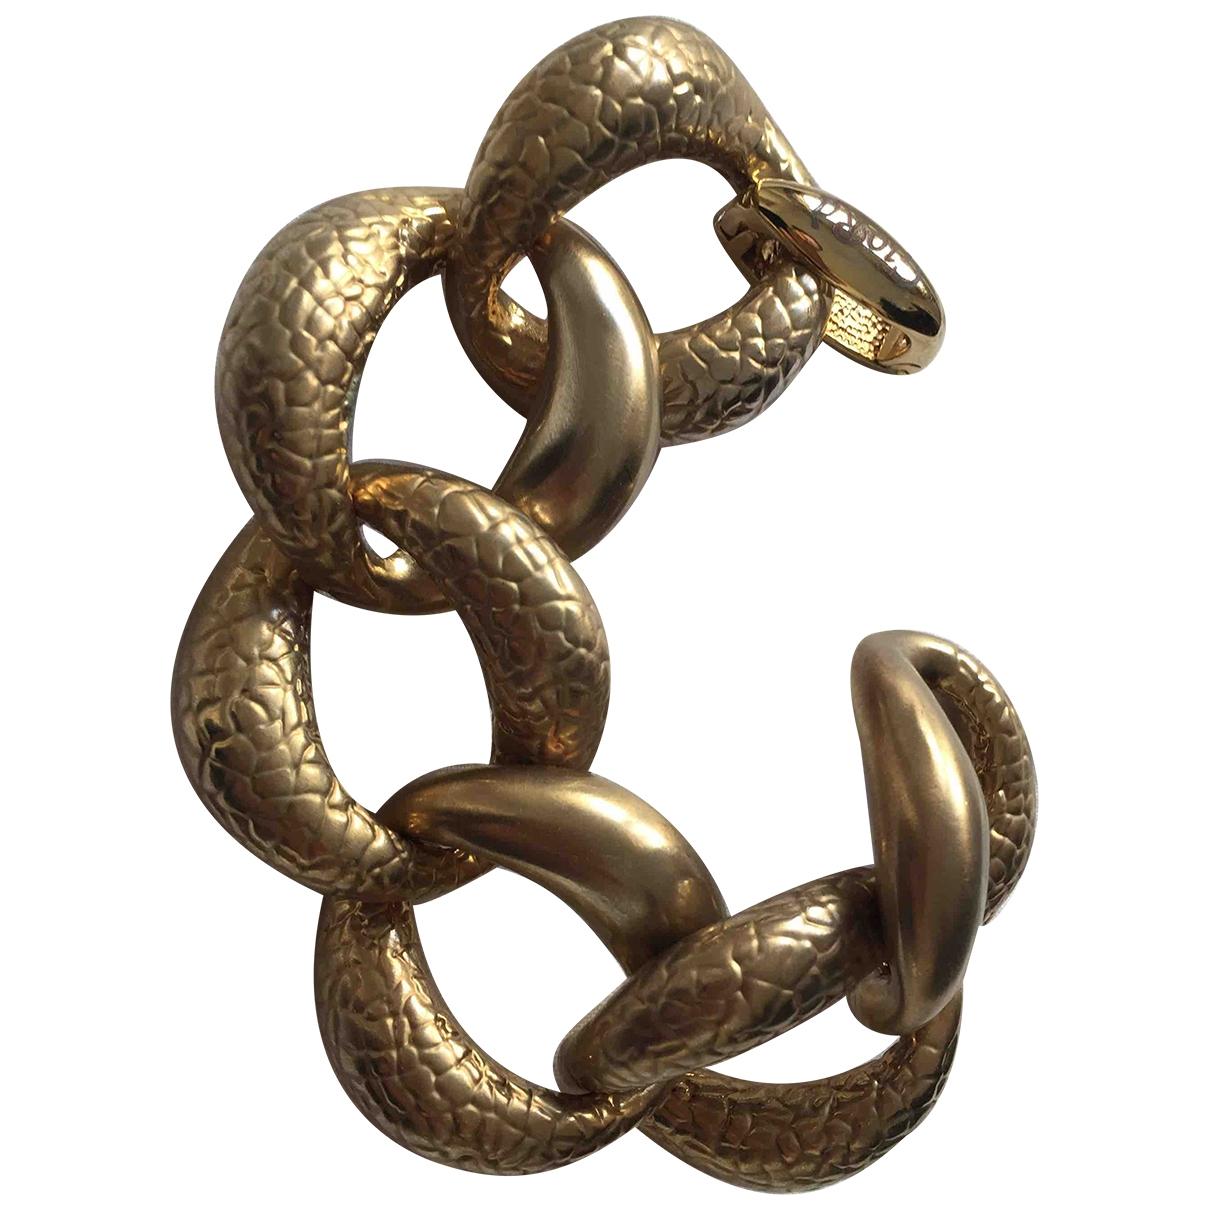 Giora \N Gold Metal bracelet for Women \N